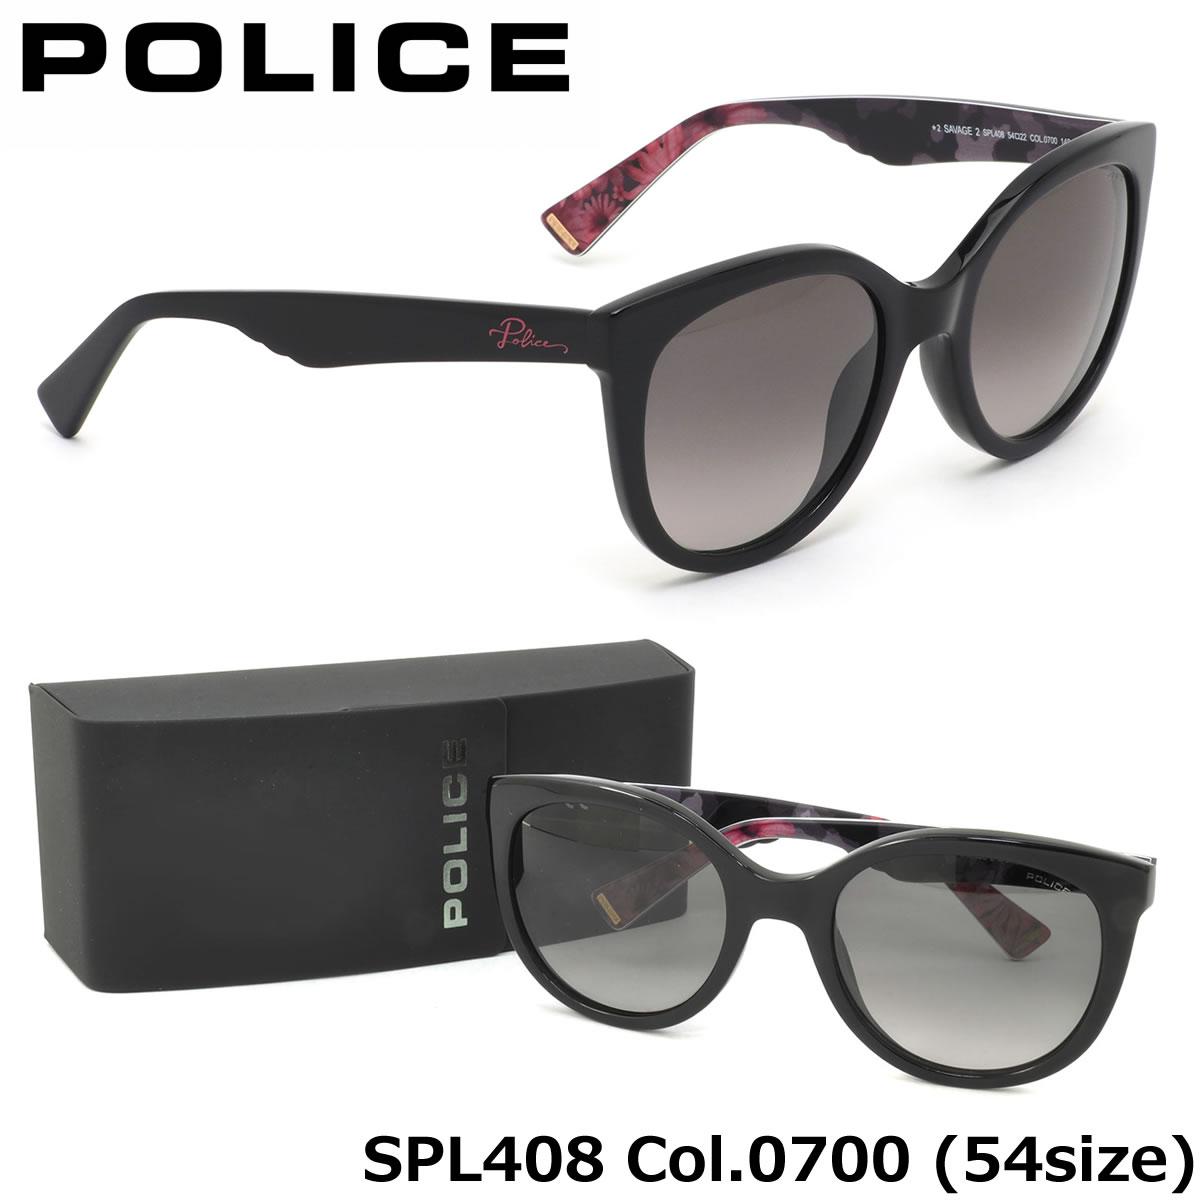 【10月30日からエントリーで全品ポイント20倍】【ポリス】 (POLICE) サングラスSPL408 0700 54サイズSAVAGE2 キャッツアイ ラウンドPOLICE メンズ レディース